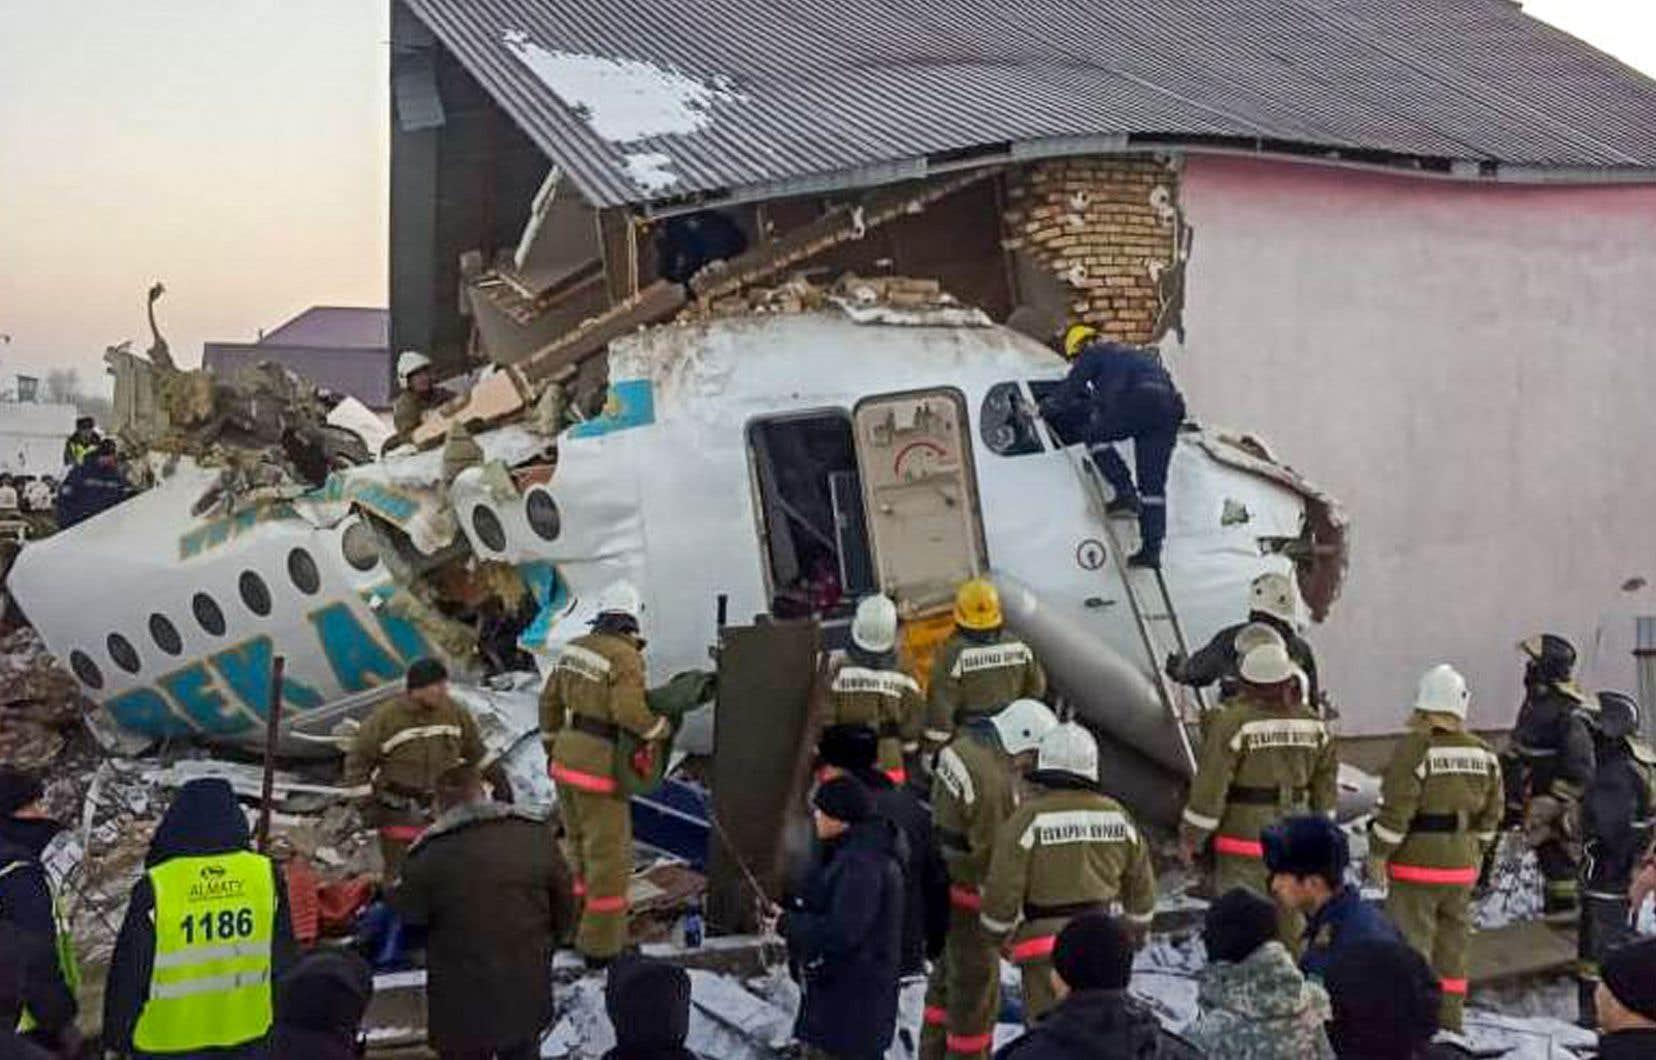 <p>L'avion s'est écrasé dans une zone habitée, détruisant une maison, mais les autorités n'ont fait état d'aucune victime au sol.</p>